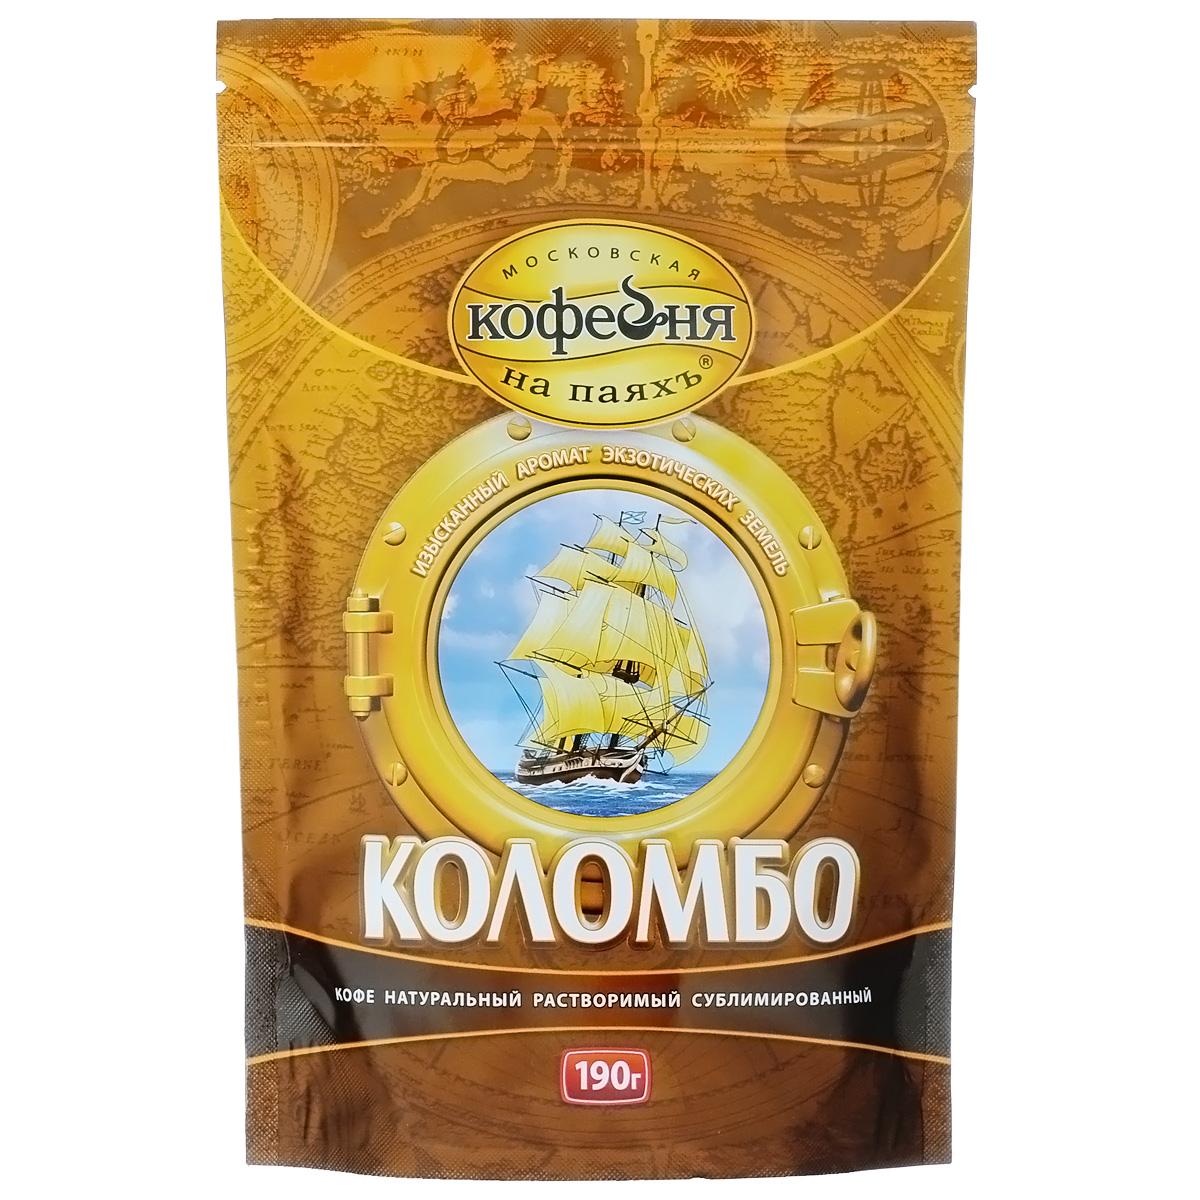 Московская кофейня на паяхъ Коломбо кофе рaстворимый, пакет 190 г101246Кофе натуральный растворимый сублимированный Московская кофейня на паяхъ Коломбо. Приготовлен из высококачественной Арабики. Темная обжарка придает крепкий насыщенный вкус и глубокий аромат.Родина кофе – Африка, но только в странах Латинской Америки он нашел свой истинный дом, ведь идеальные условия для возделывания кофейного дерева самой природой созданы именно там. Коломбо понравится тем, кто ценит крепкий кофе со сложным, чуть терпким вкусом. Если Арабика кажется вам слишком мягкой, попробуйте Коломбо. Это идеально выверенная смесь сортов арабики из Южной и Центральной Америки.